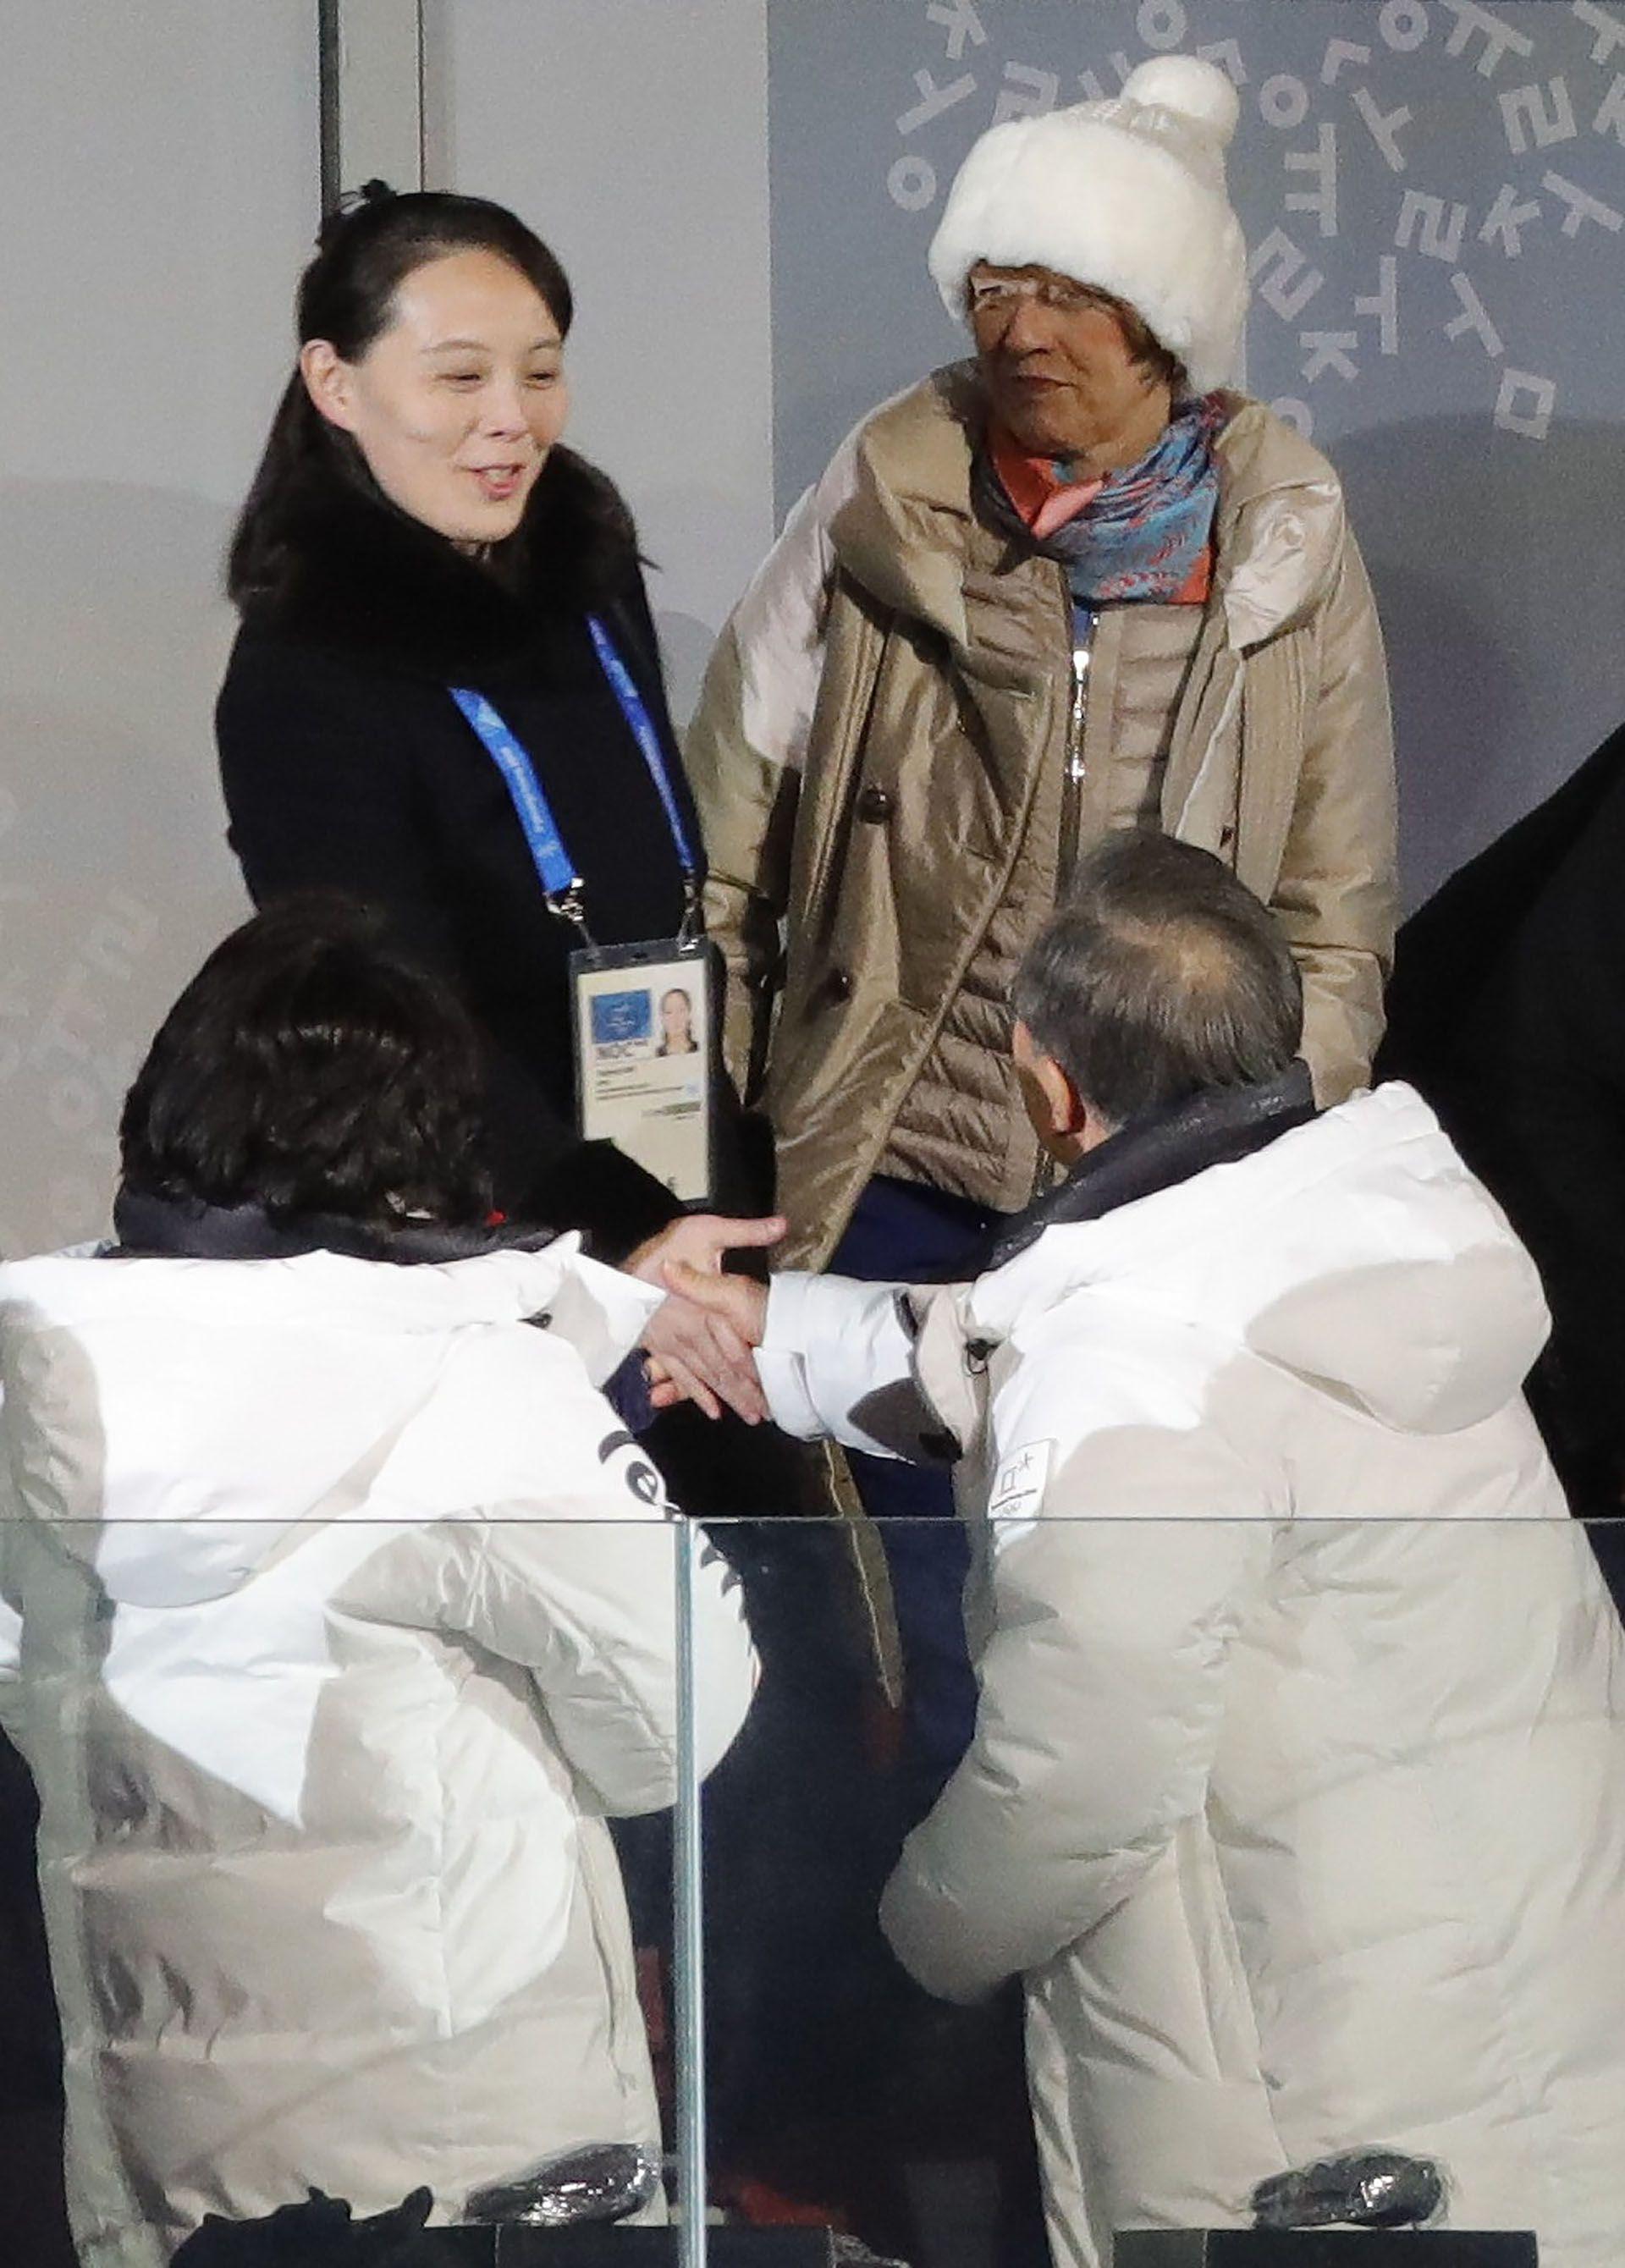 Ceremonia de apertura de los Juegos Olímpicos de Invierno de Pyeongchang 2018. Allí puede verse cómo el presidente de Corea del Sur, Moon Jae-in, y su esposa, Kim Jung-sook, saludan a Kim Yo-jong (Reuters)